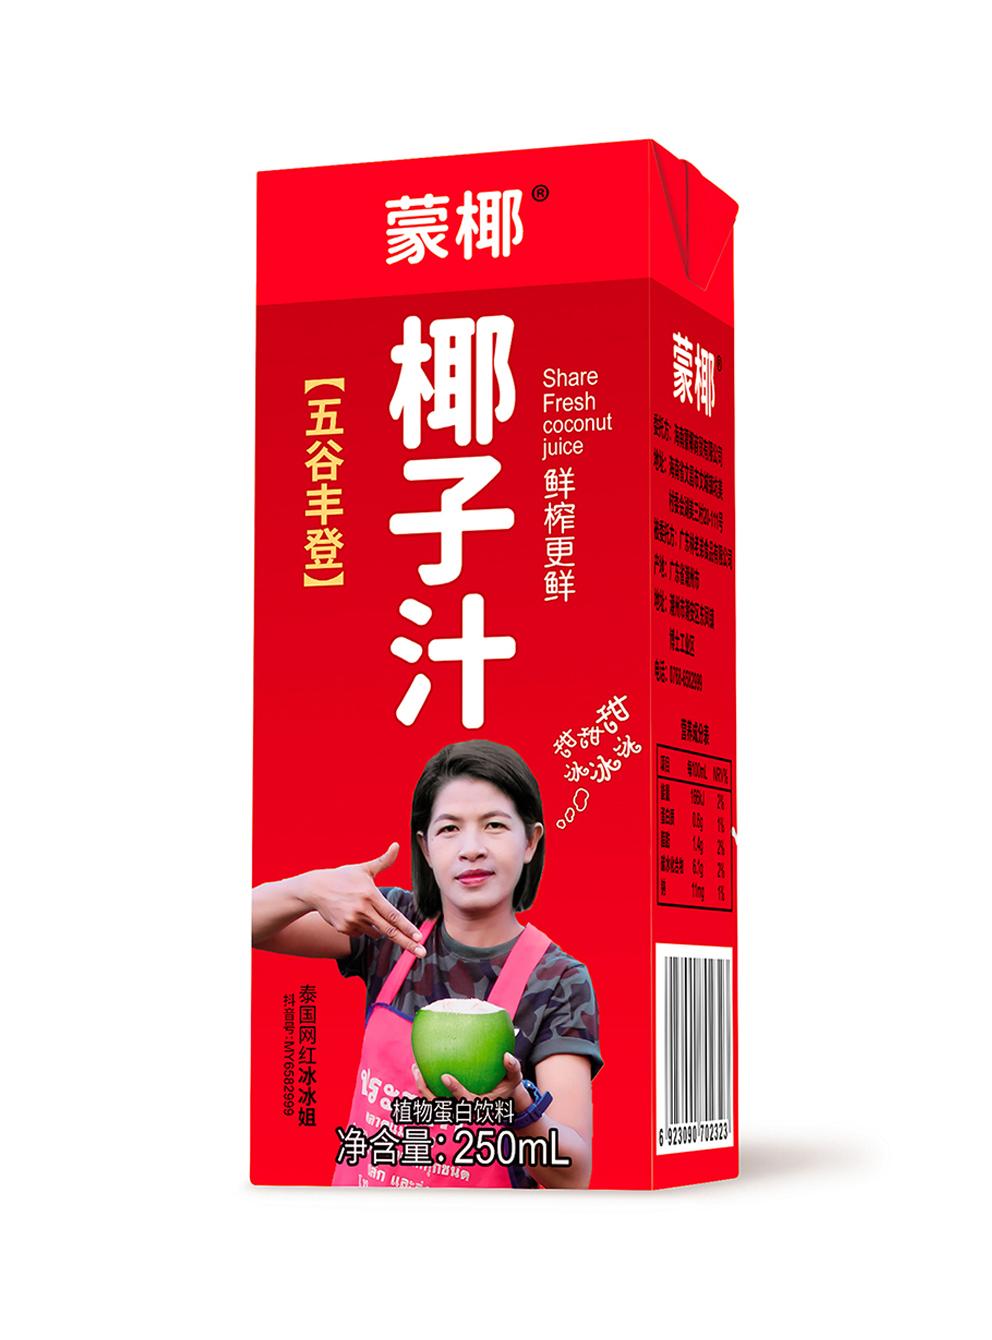 250ml 椰子汁 代言人版